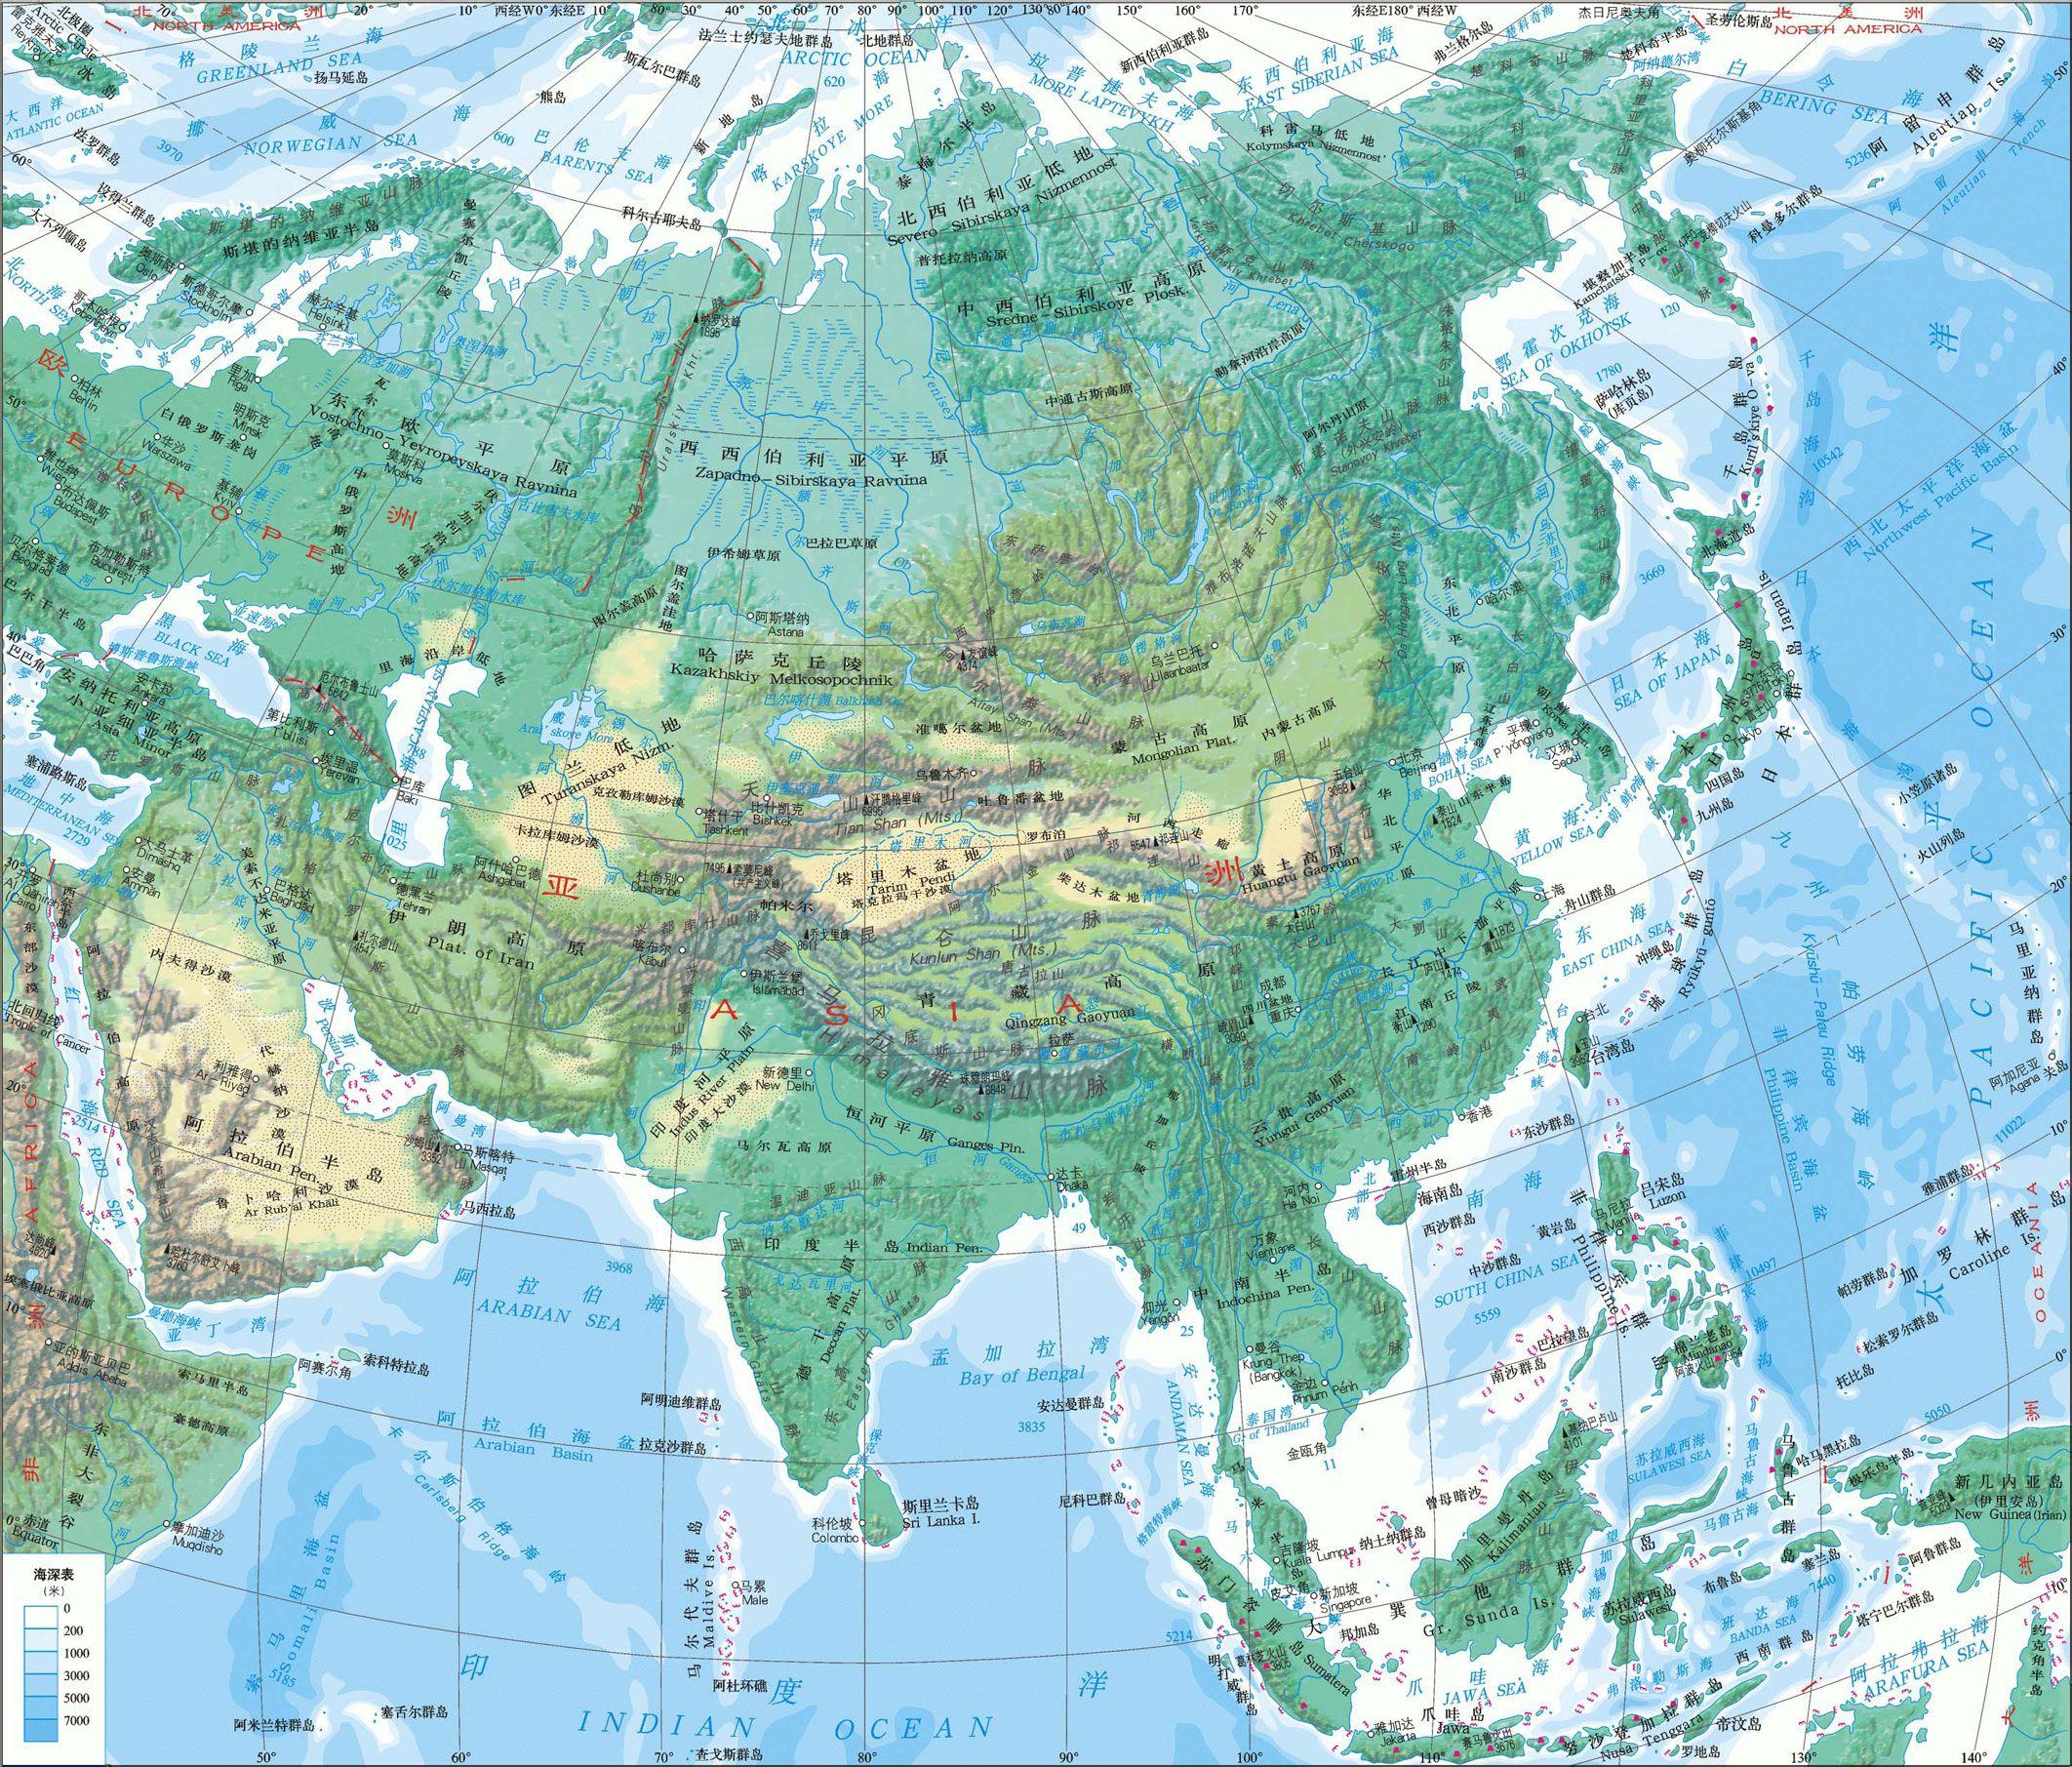 亚洲地形图分布情况是什么